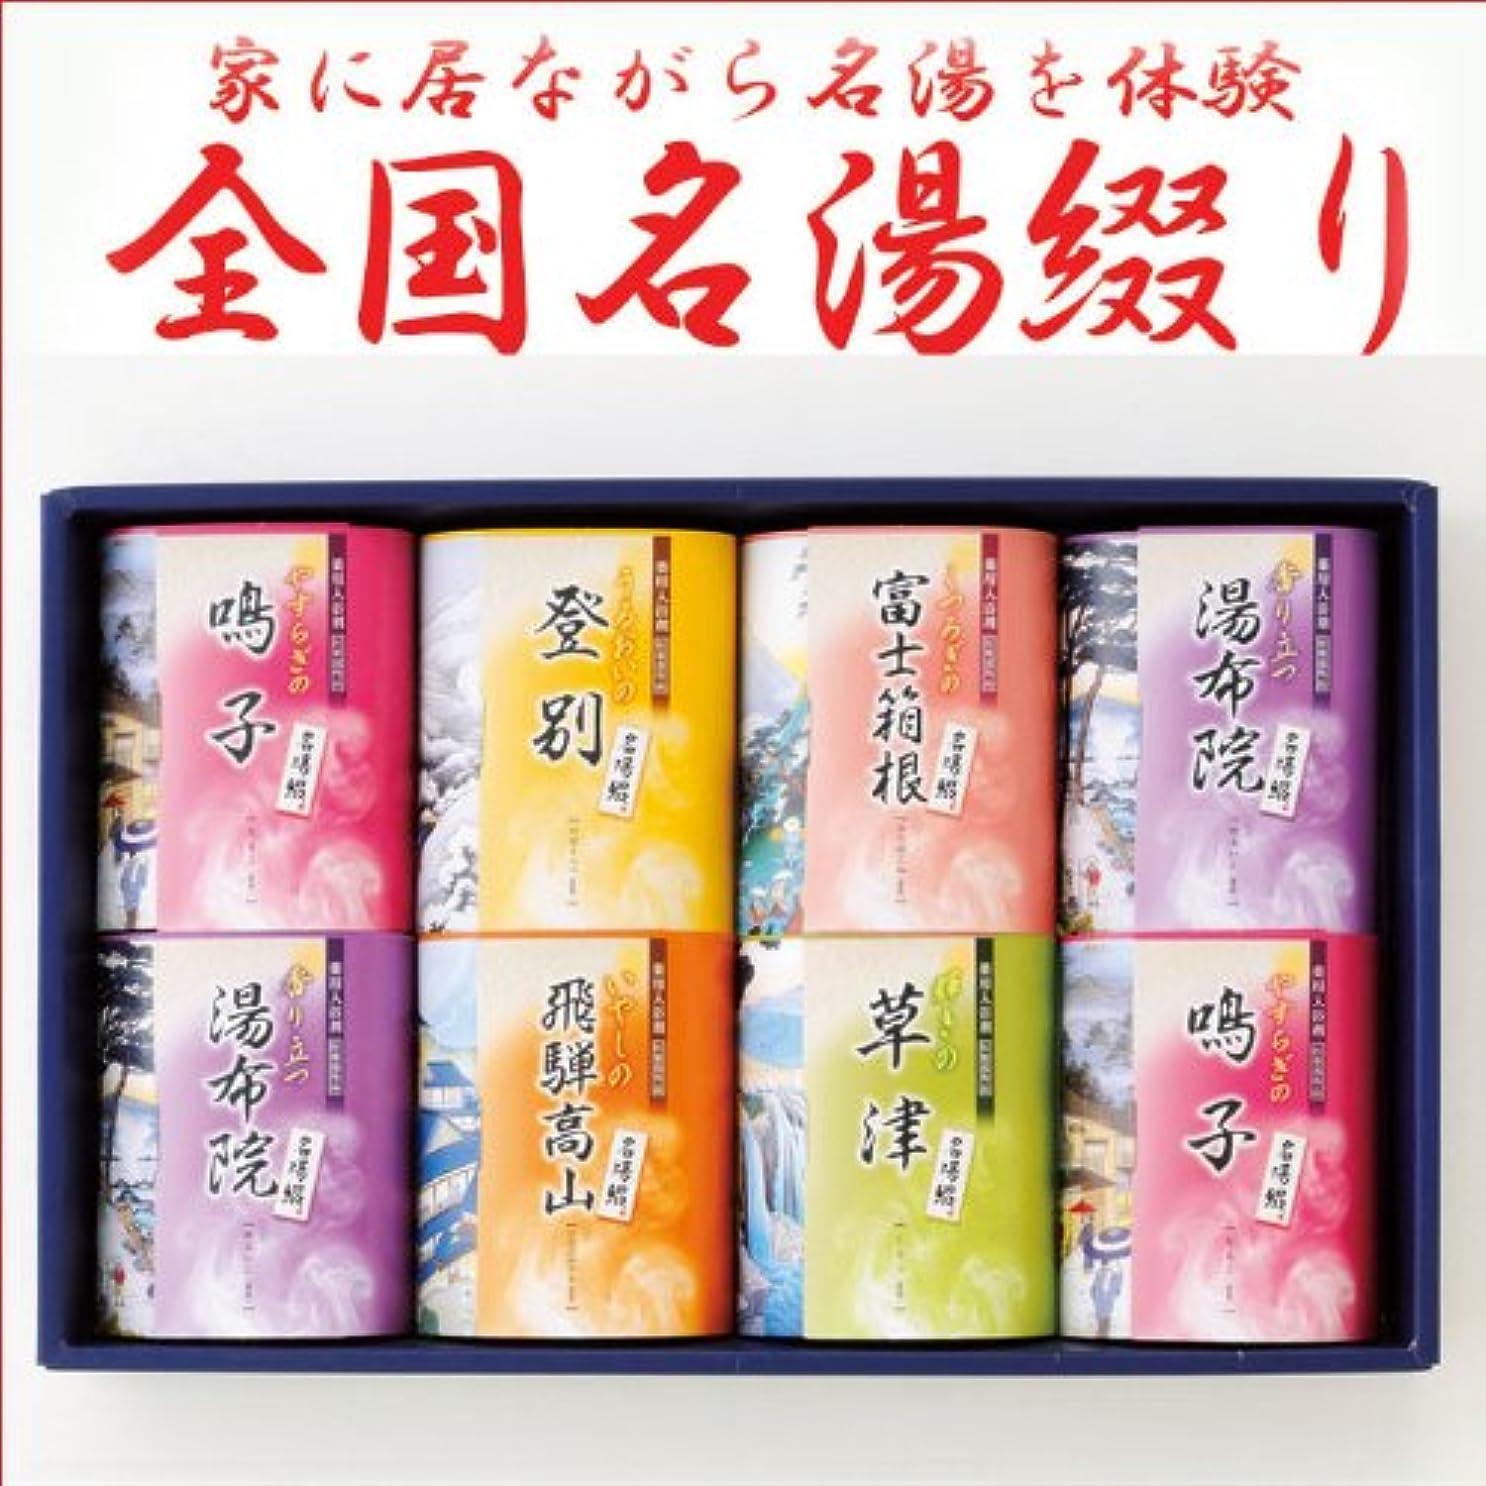 警官遠足最初日本全国名湯の温泉巡り入浴剤ギフトセット